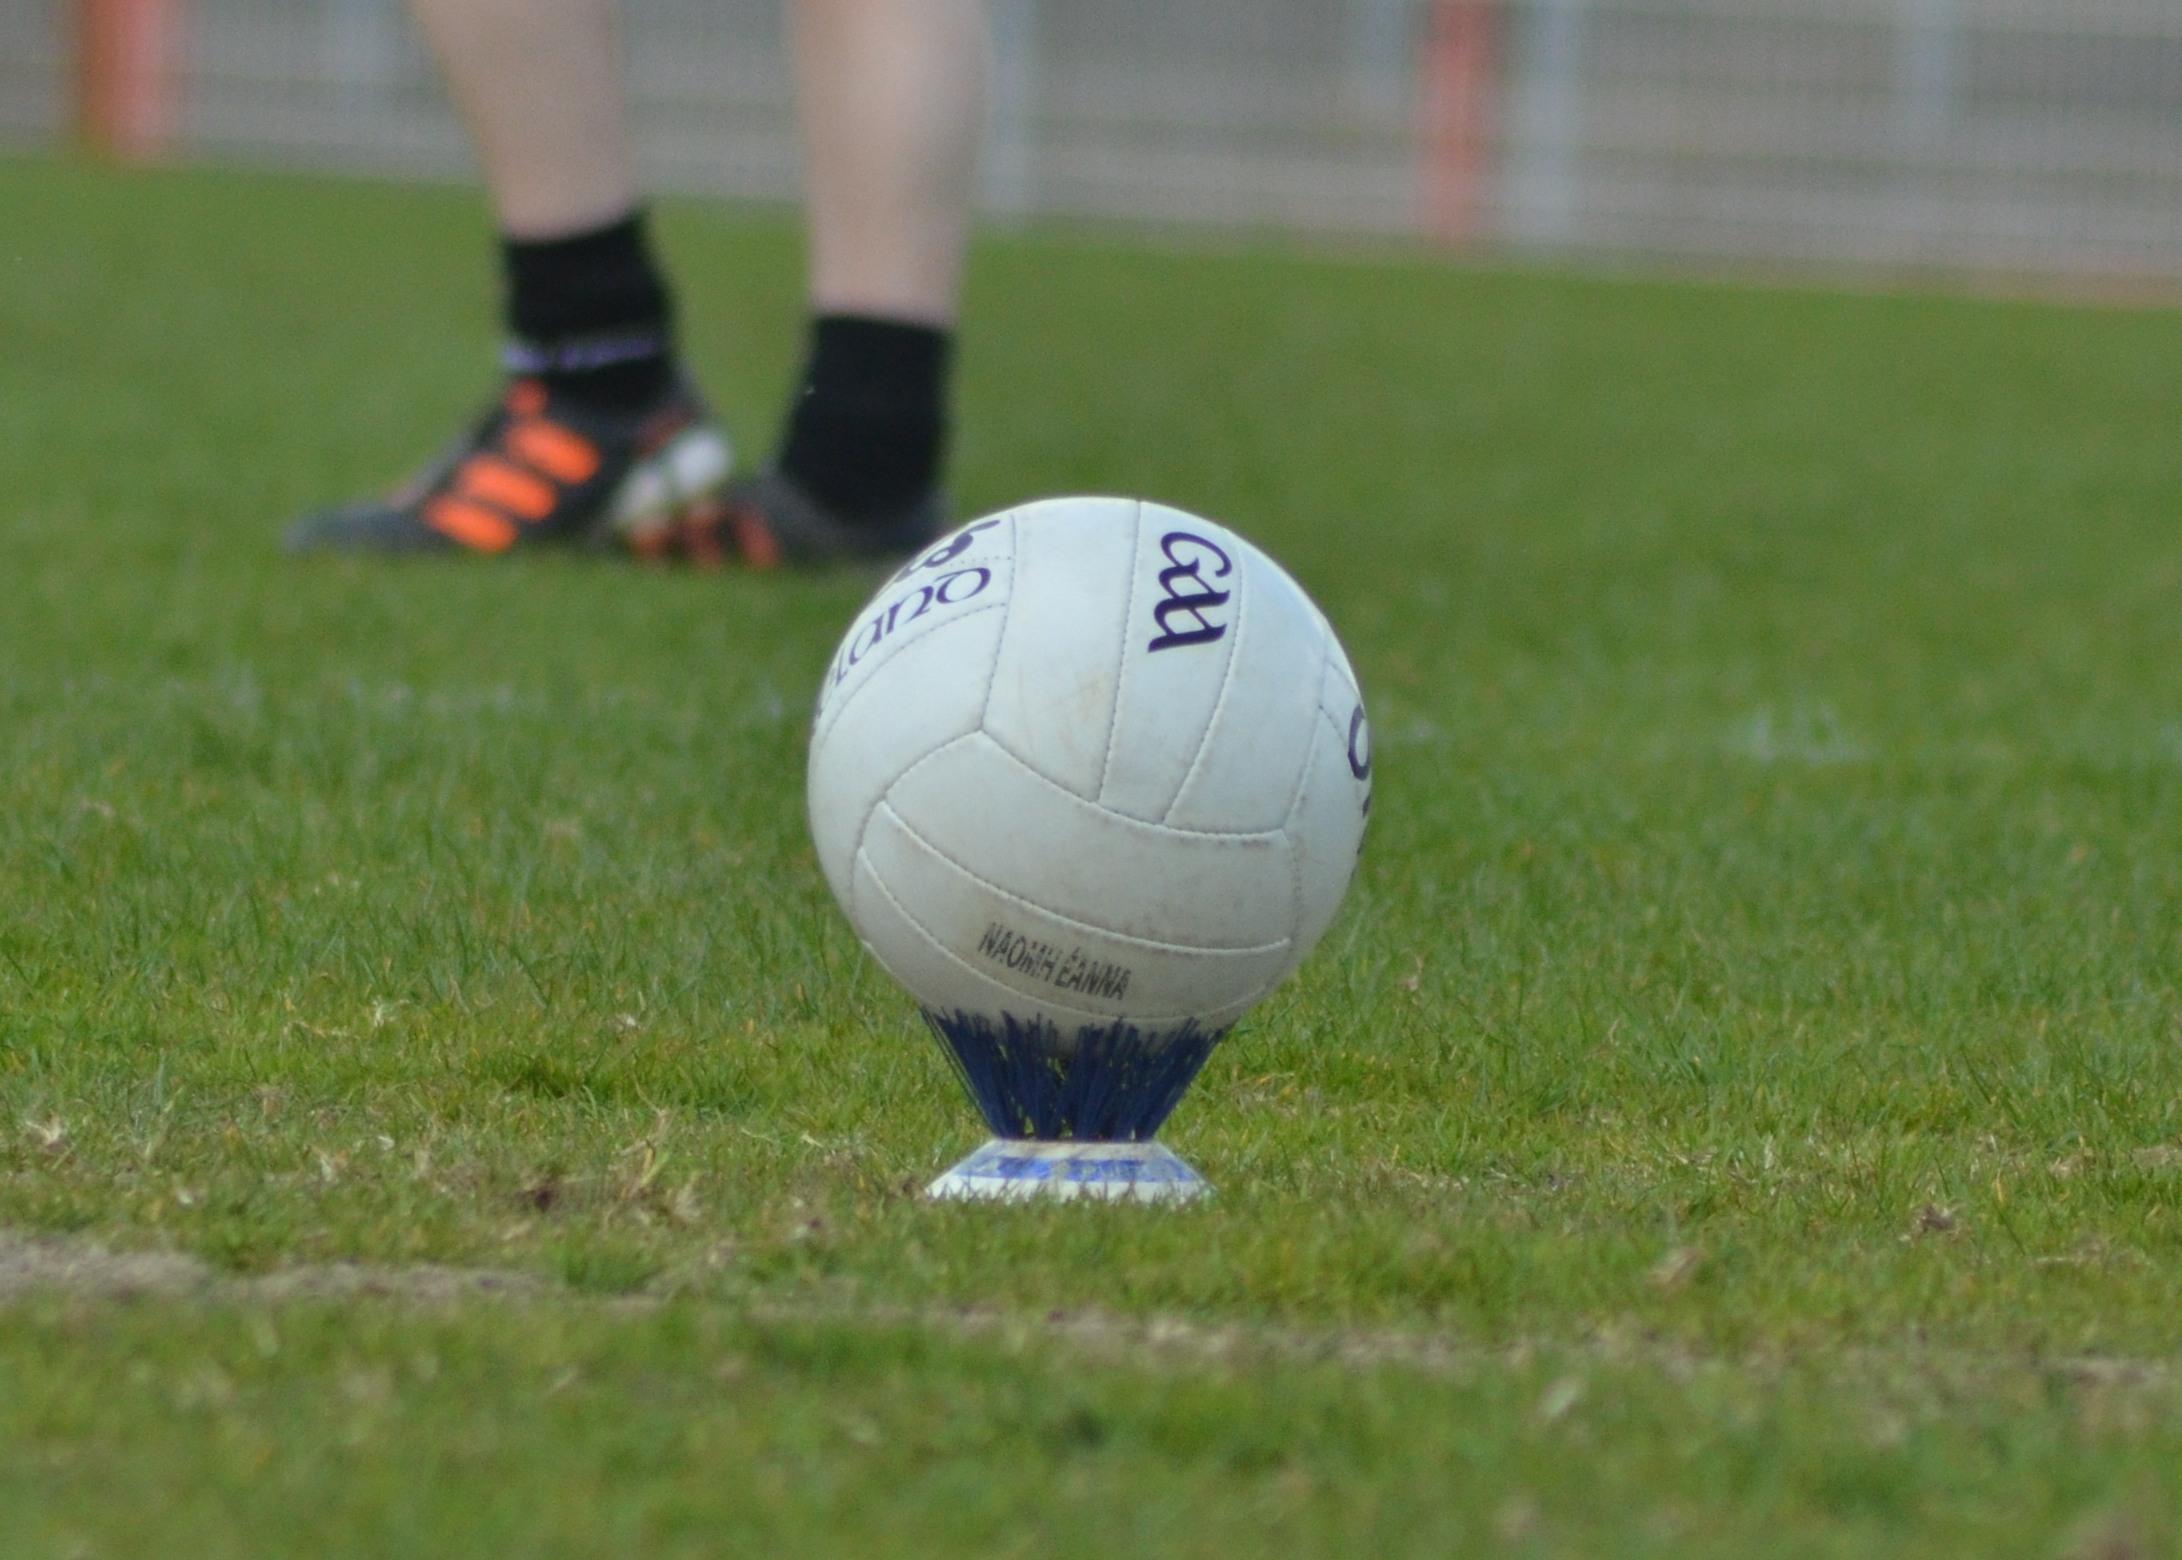 Match Report V Donaghmore